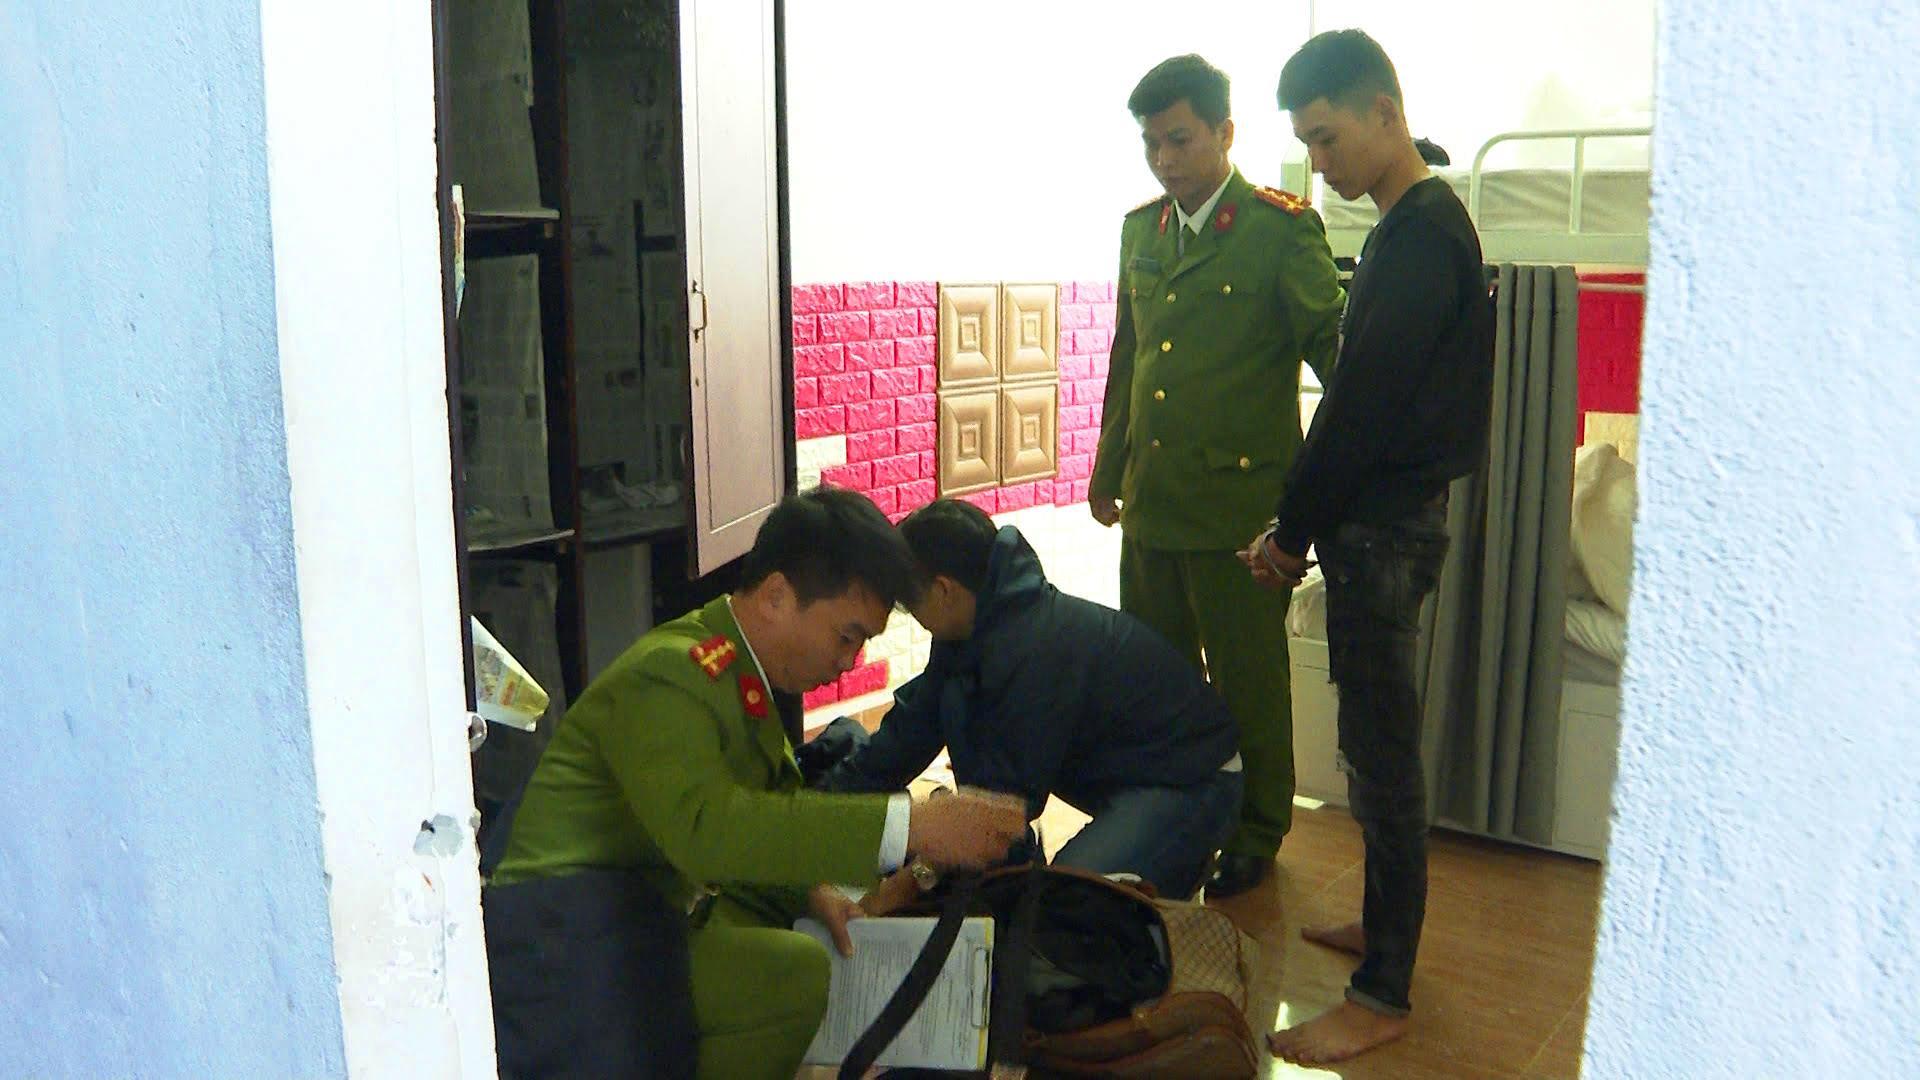 Lực lượng công an khám xét nơi 3 đối tượng thuê trọ  ở đường Nguyễn Khoa Vy phường Vỹ Dạđể tổ chức cho vay